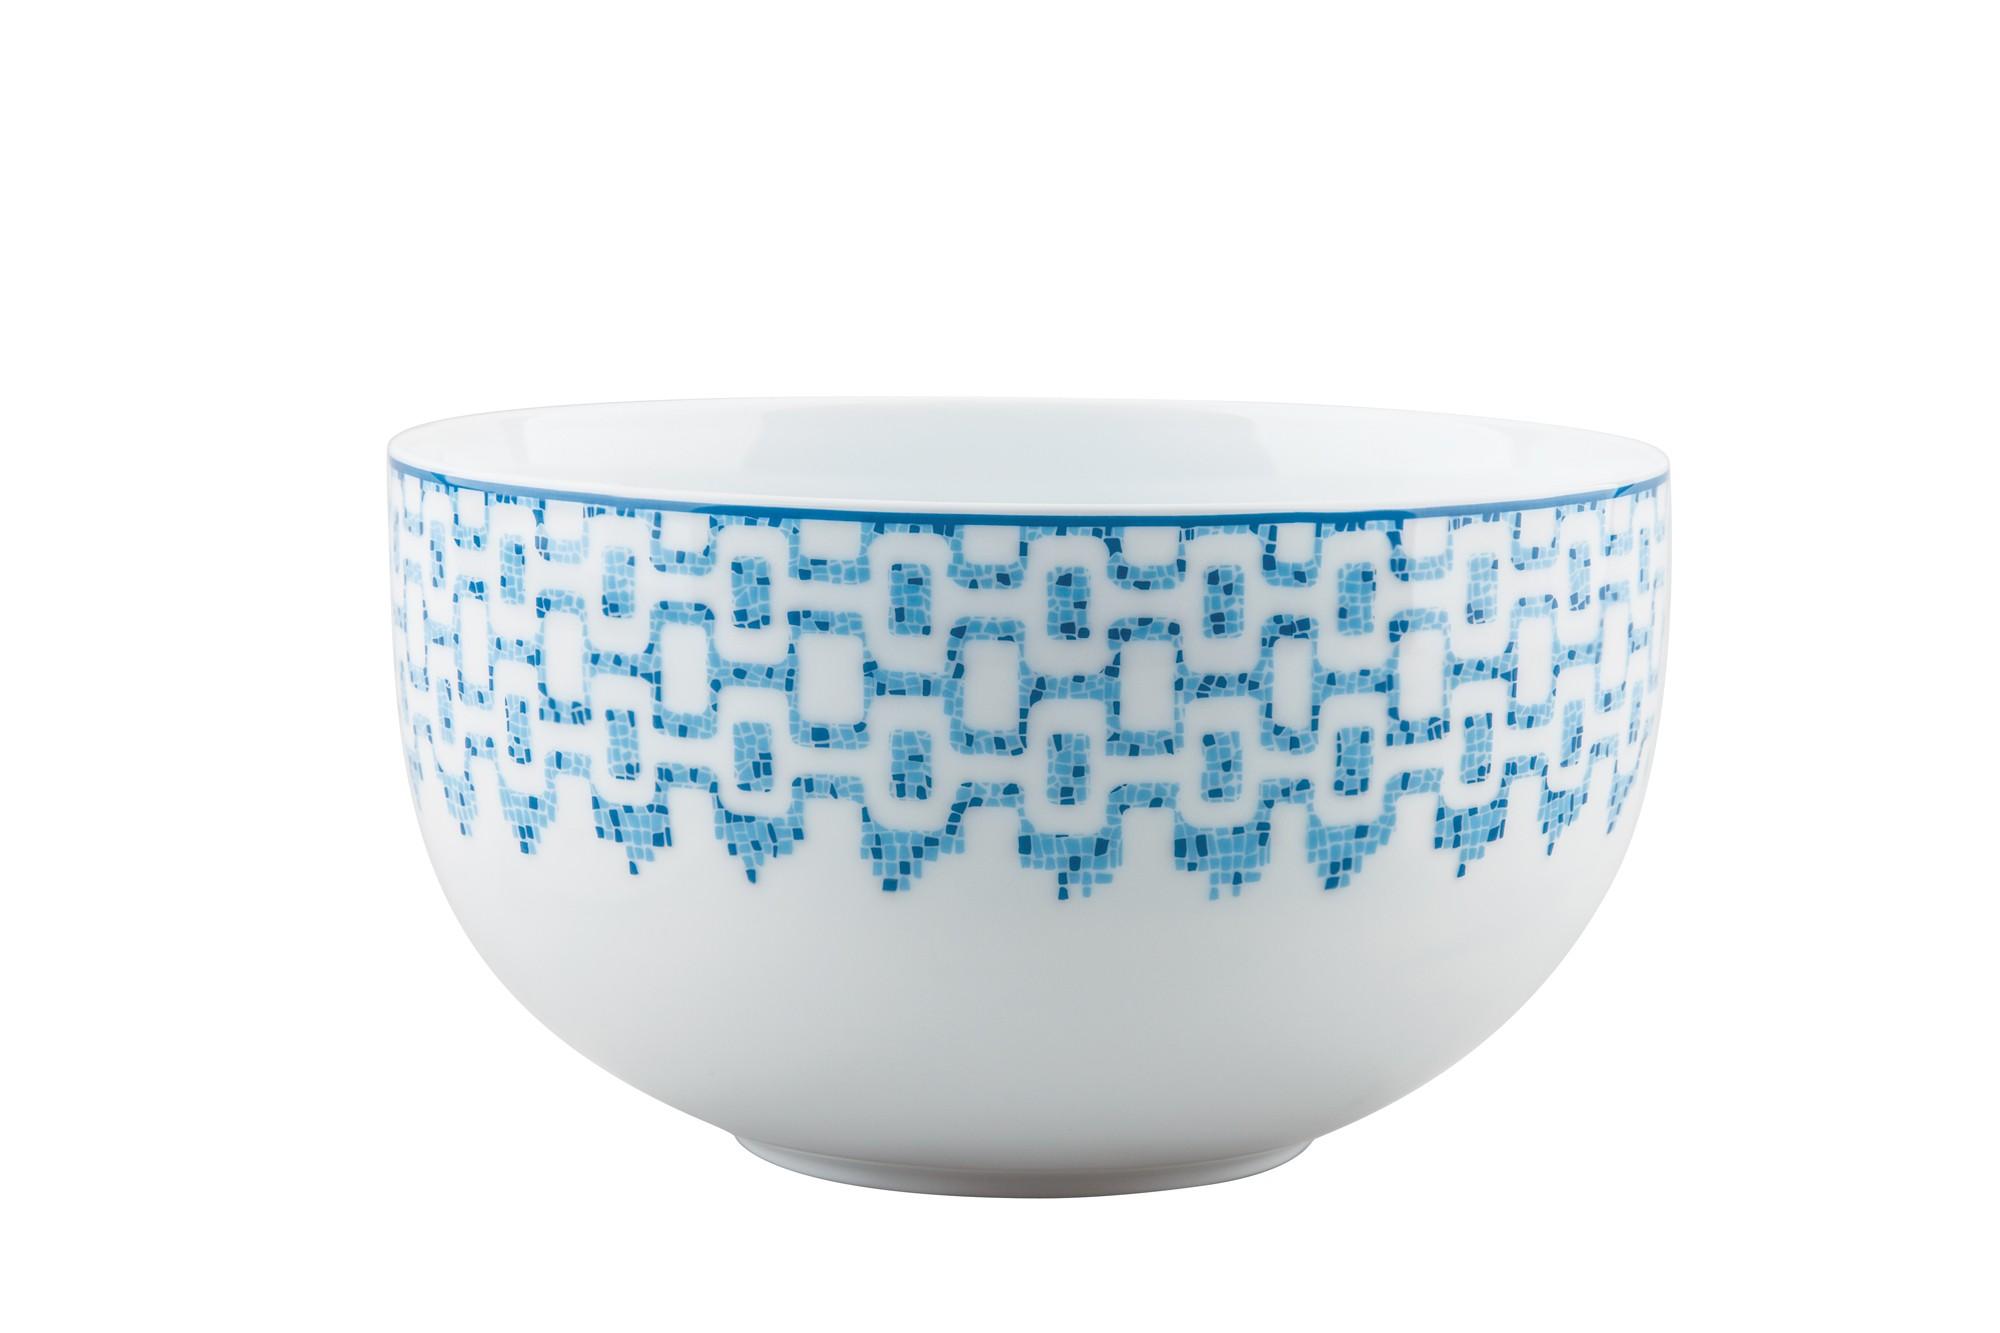 Μπολ Σαλάτας Hymnos Blue 21cm Ionia home   ειδη σερβιρισματος   μπολ   σαλατιέρες